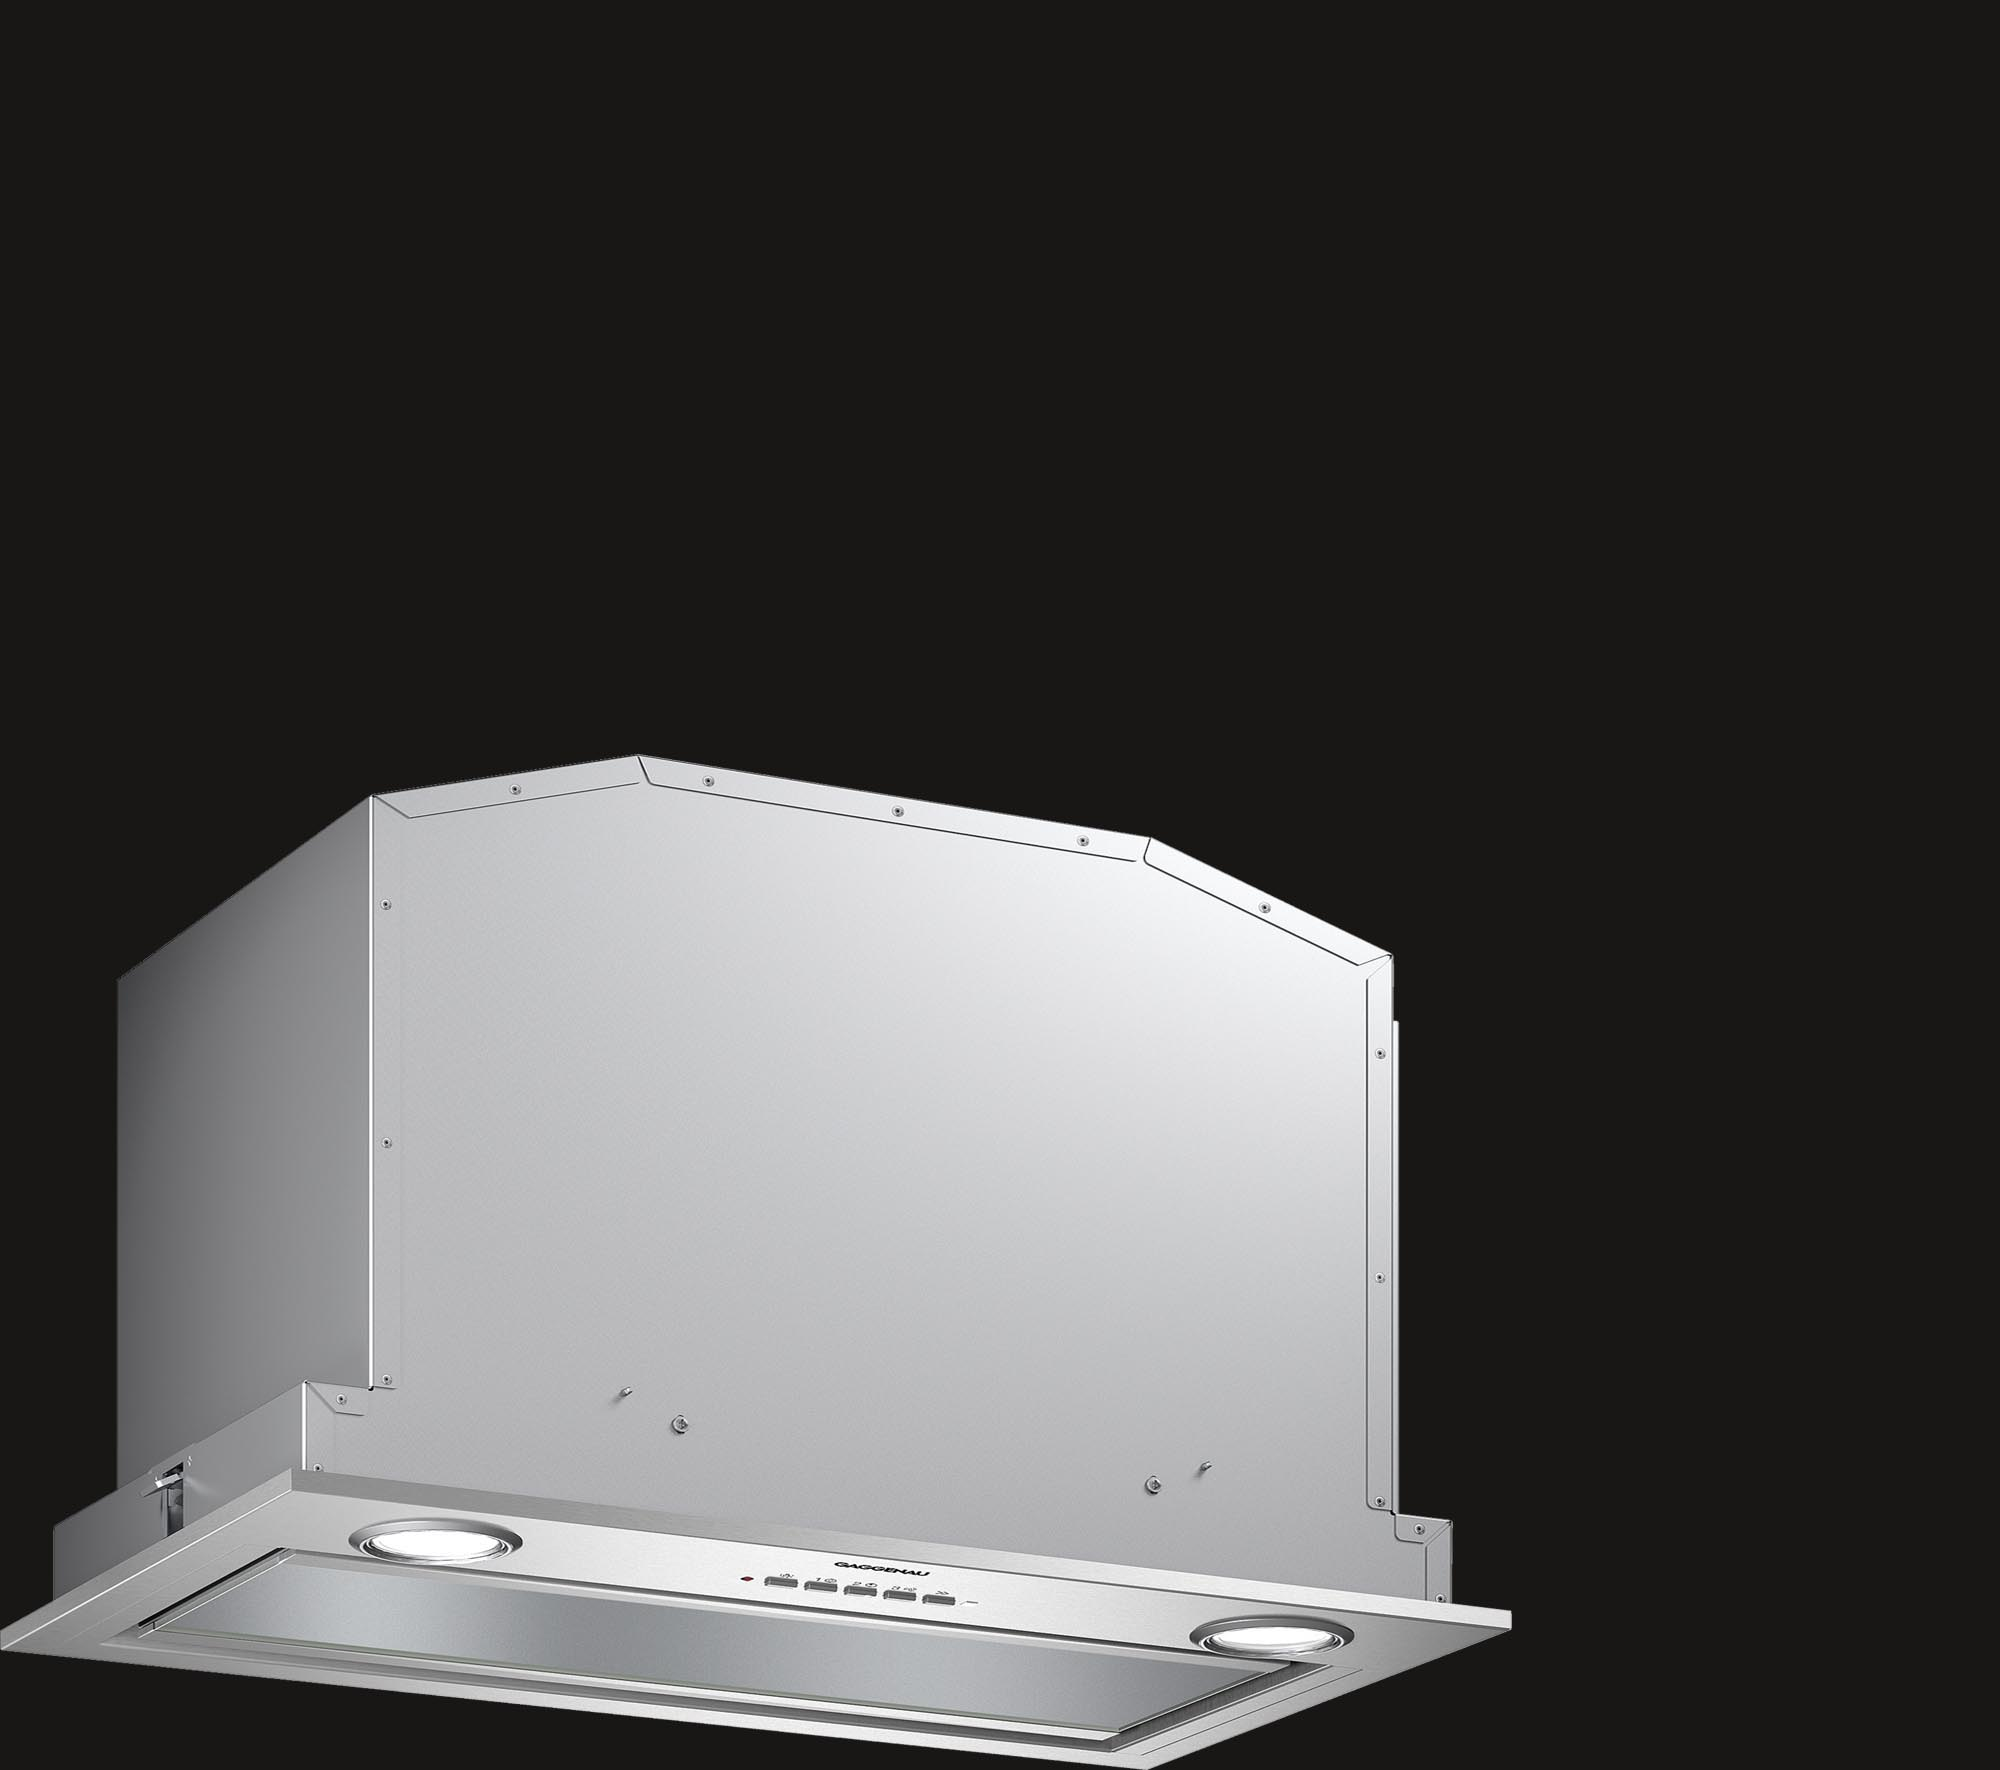 Витяжка для монтажу в підвісну шафу  AC200161 GAGGENAU